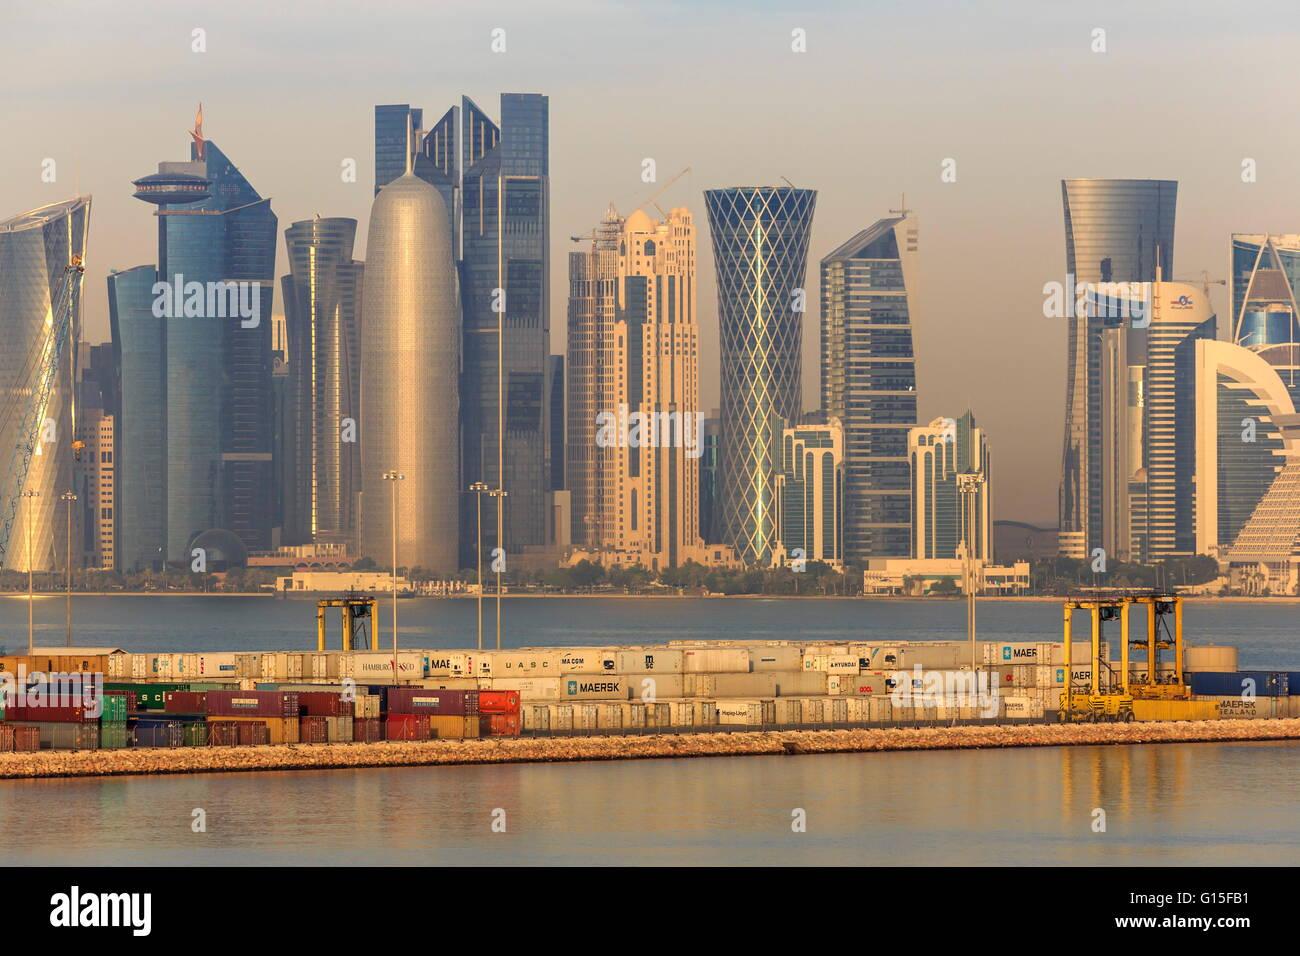 Doha futuriste ville et port à conteneurs, Doha, Qatar, Moyen-Orient Banque D'Images